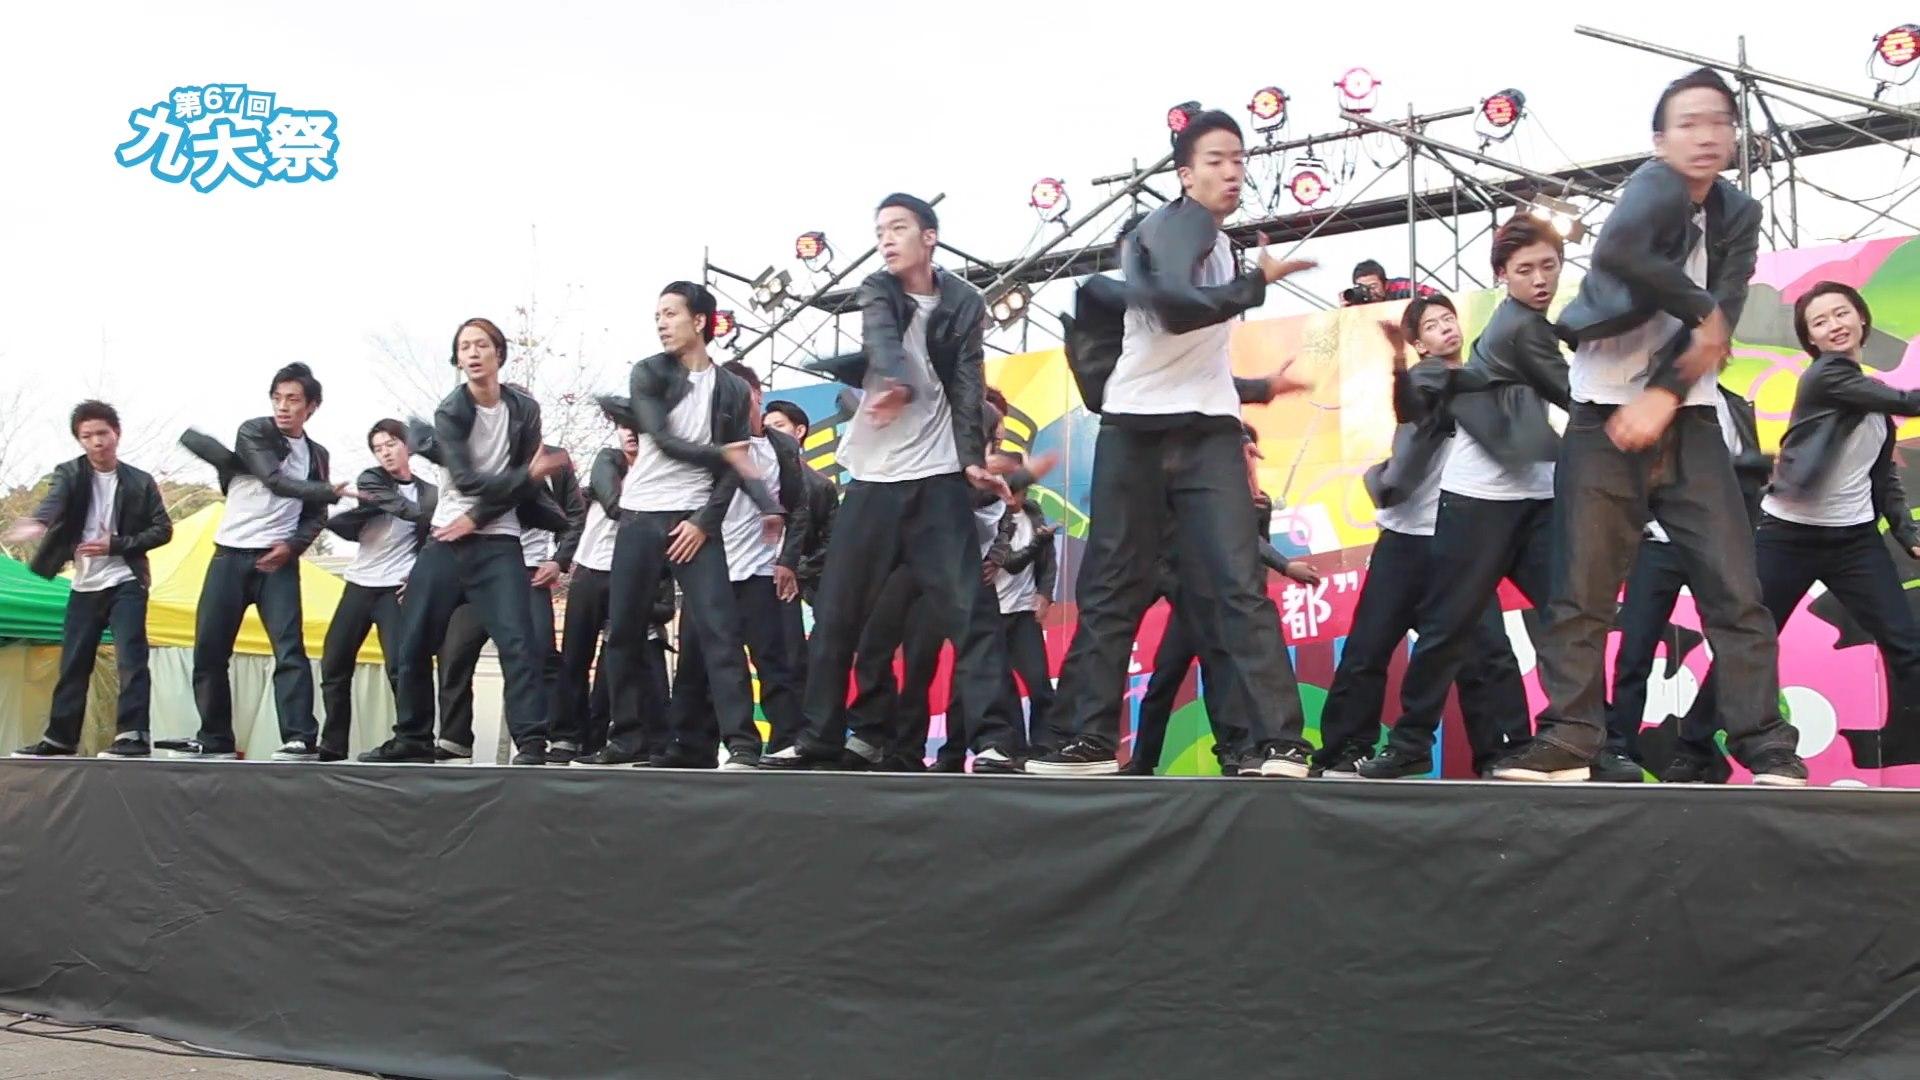 第67回 九州大学学祭.mov_000452555